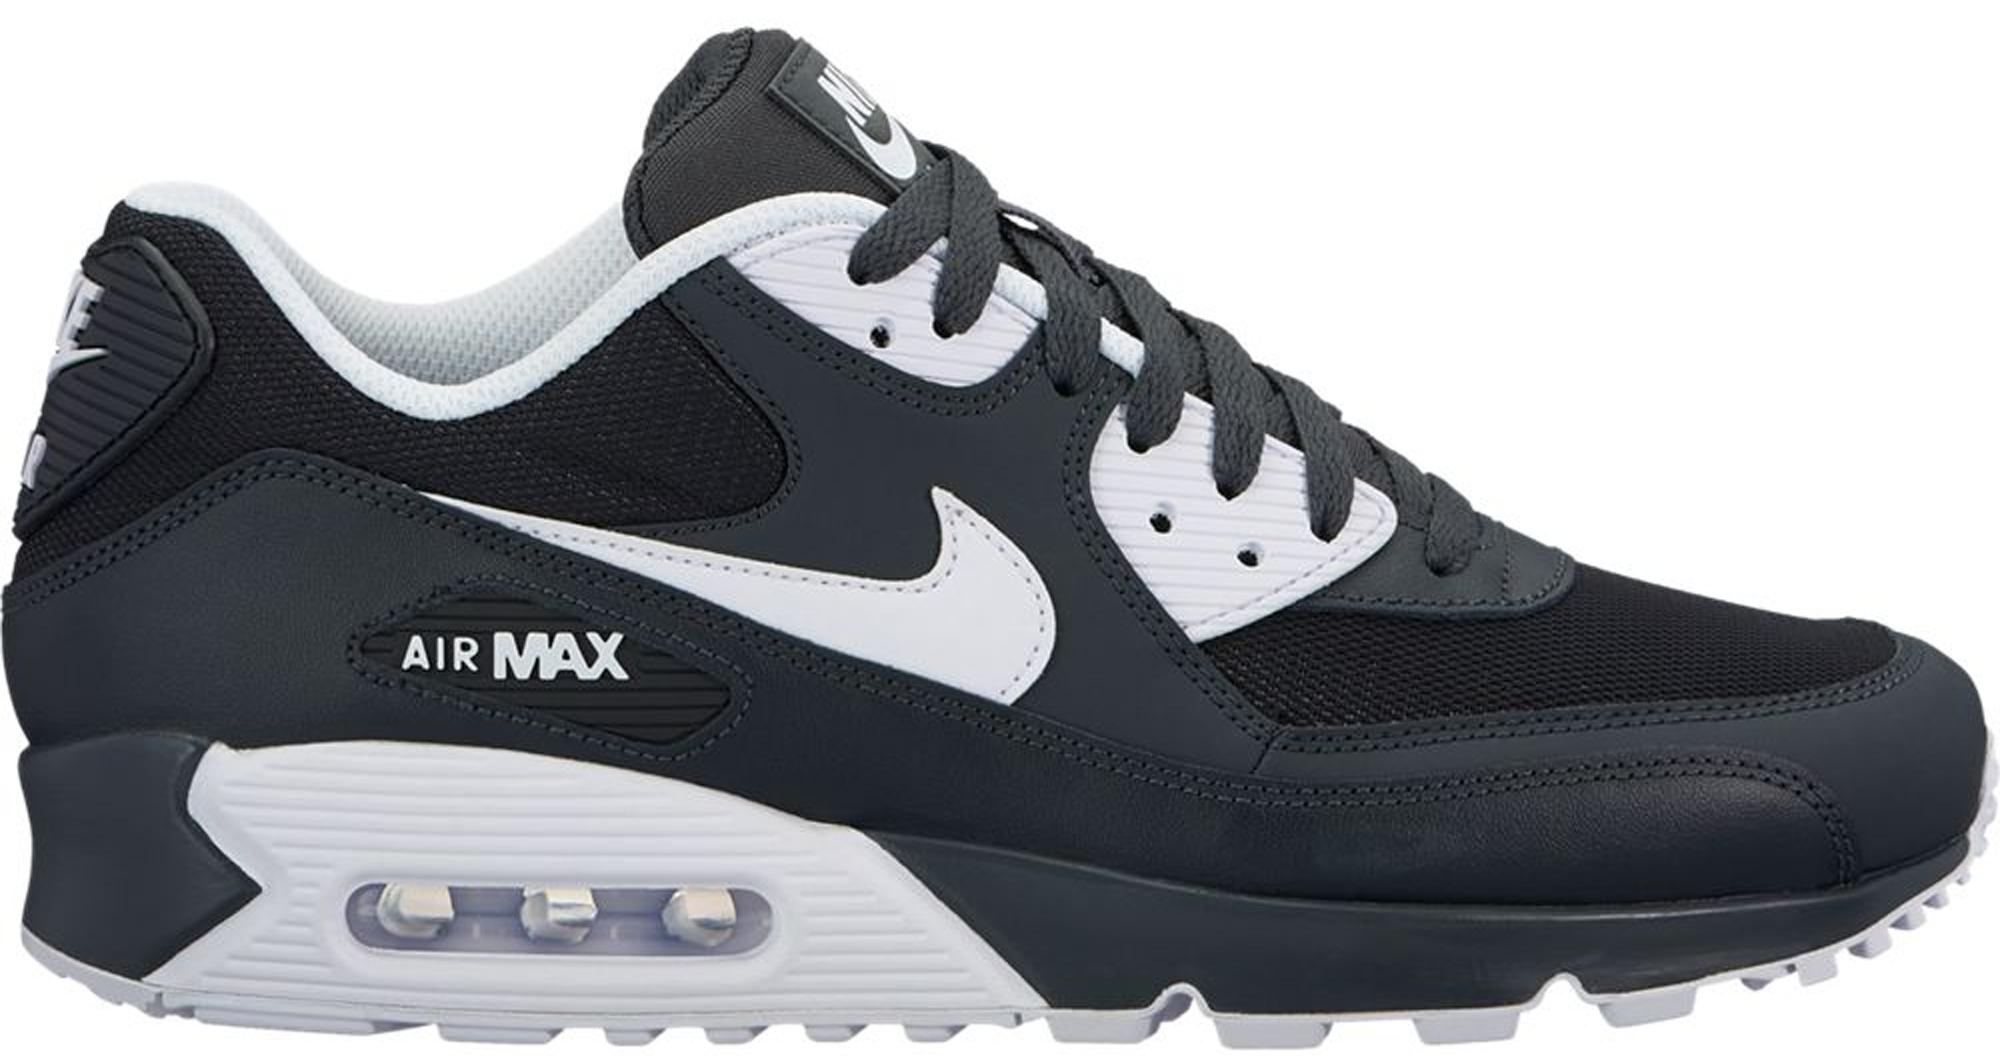 c07c8b33b24 Nike 2018 Max Air Black Colorful Nike Boston Shoes Patriots